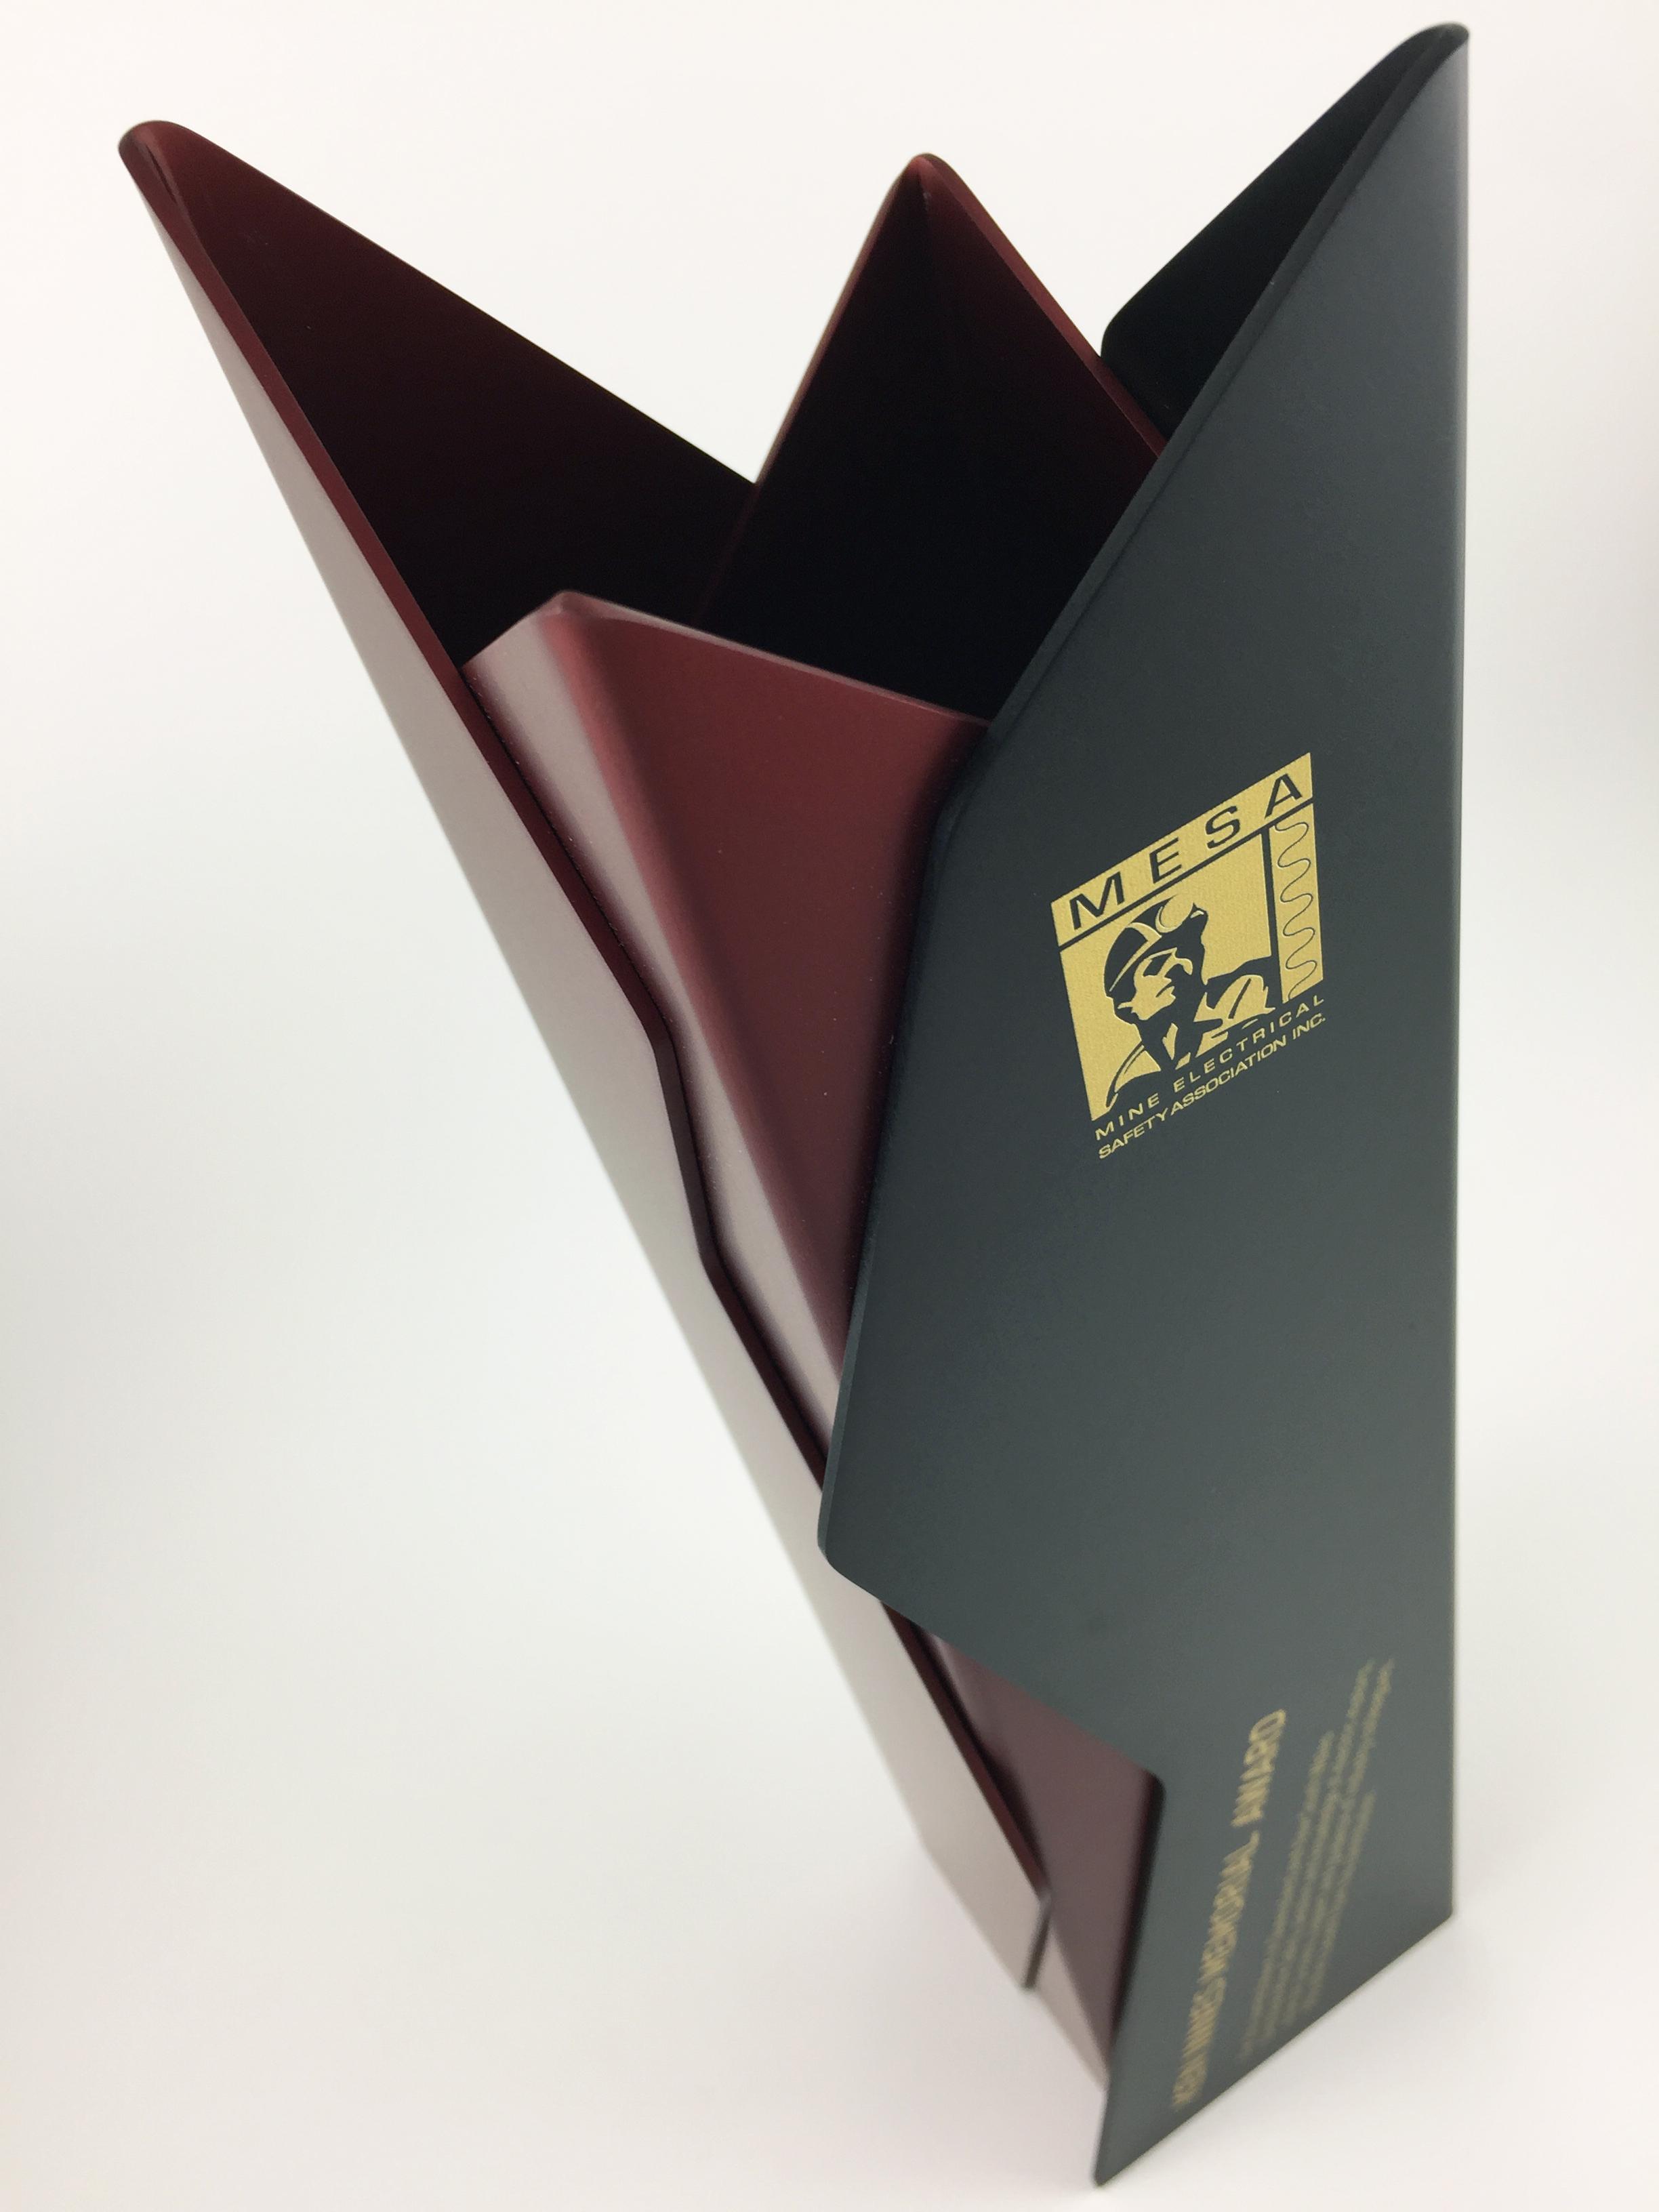 mesa-aluminium-trophy-awards-03.jpg